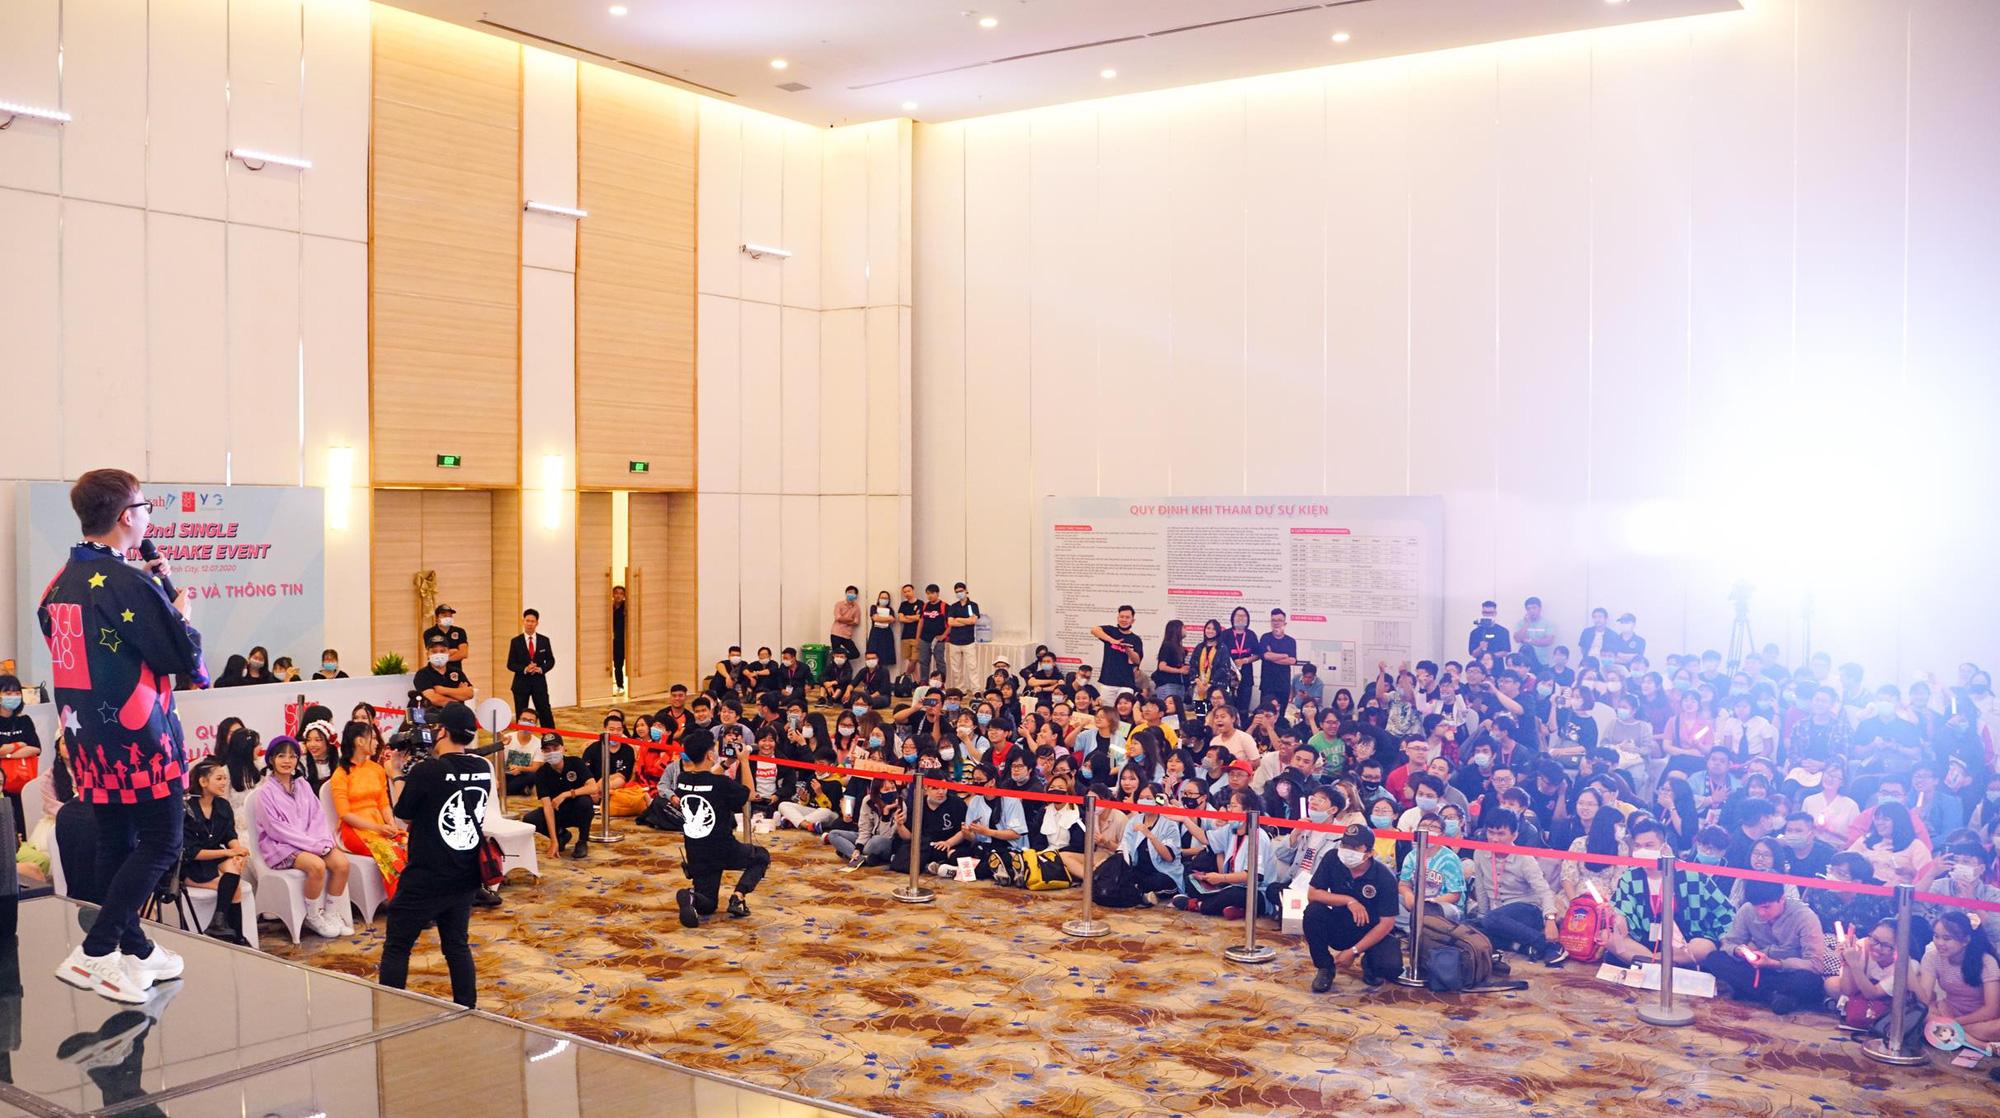 Lệ Trang chiến thắng ở sự kiện Handshake của SGO48, chính thức lọt top 16 trong single tiếp theo! - Ảnh 17.